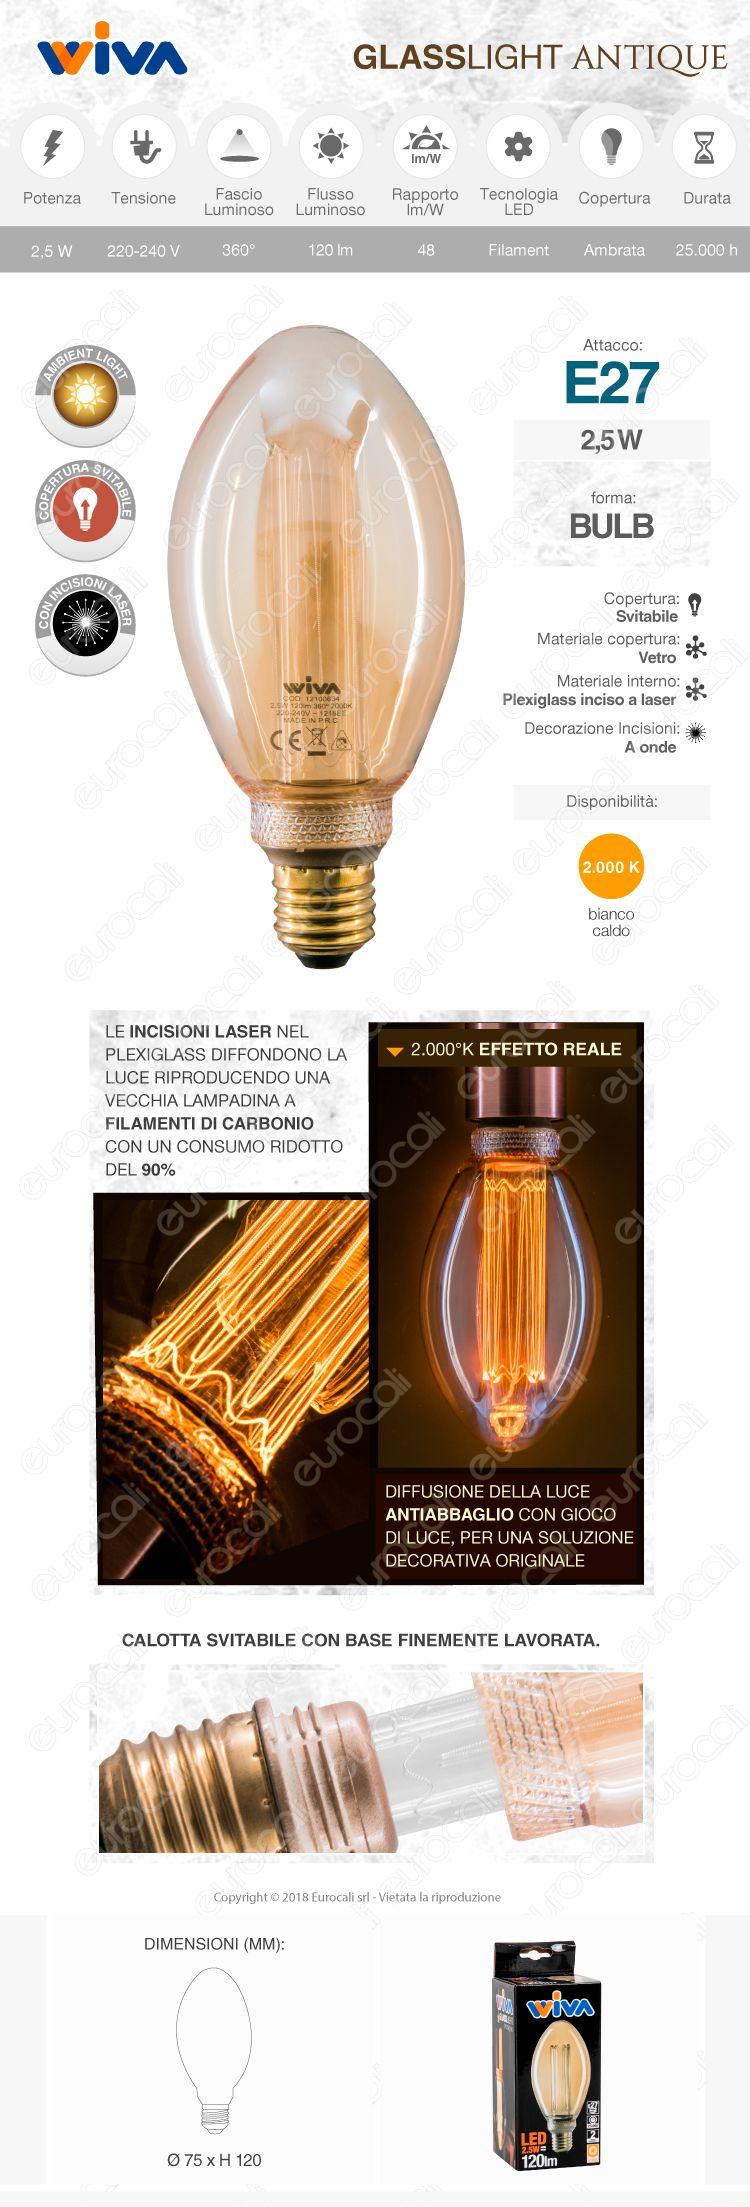 Wiva GlassLight Lampadina LED E27 2,5W Bulb A75 Ambrata con Incisioni Laser